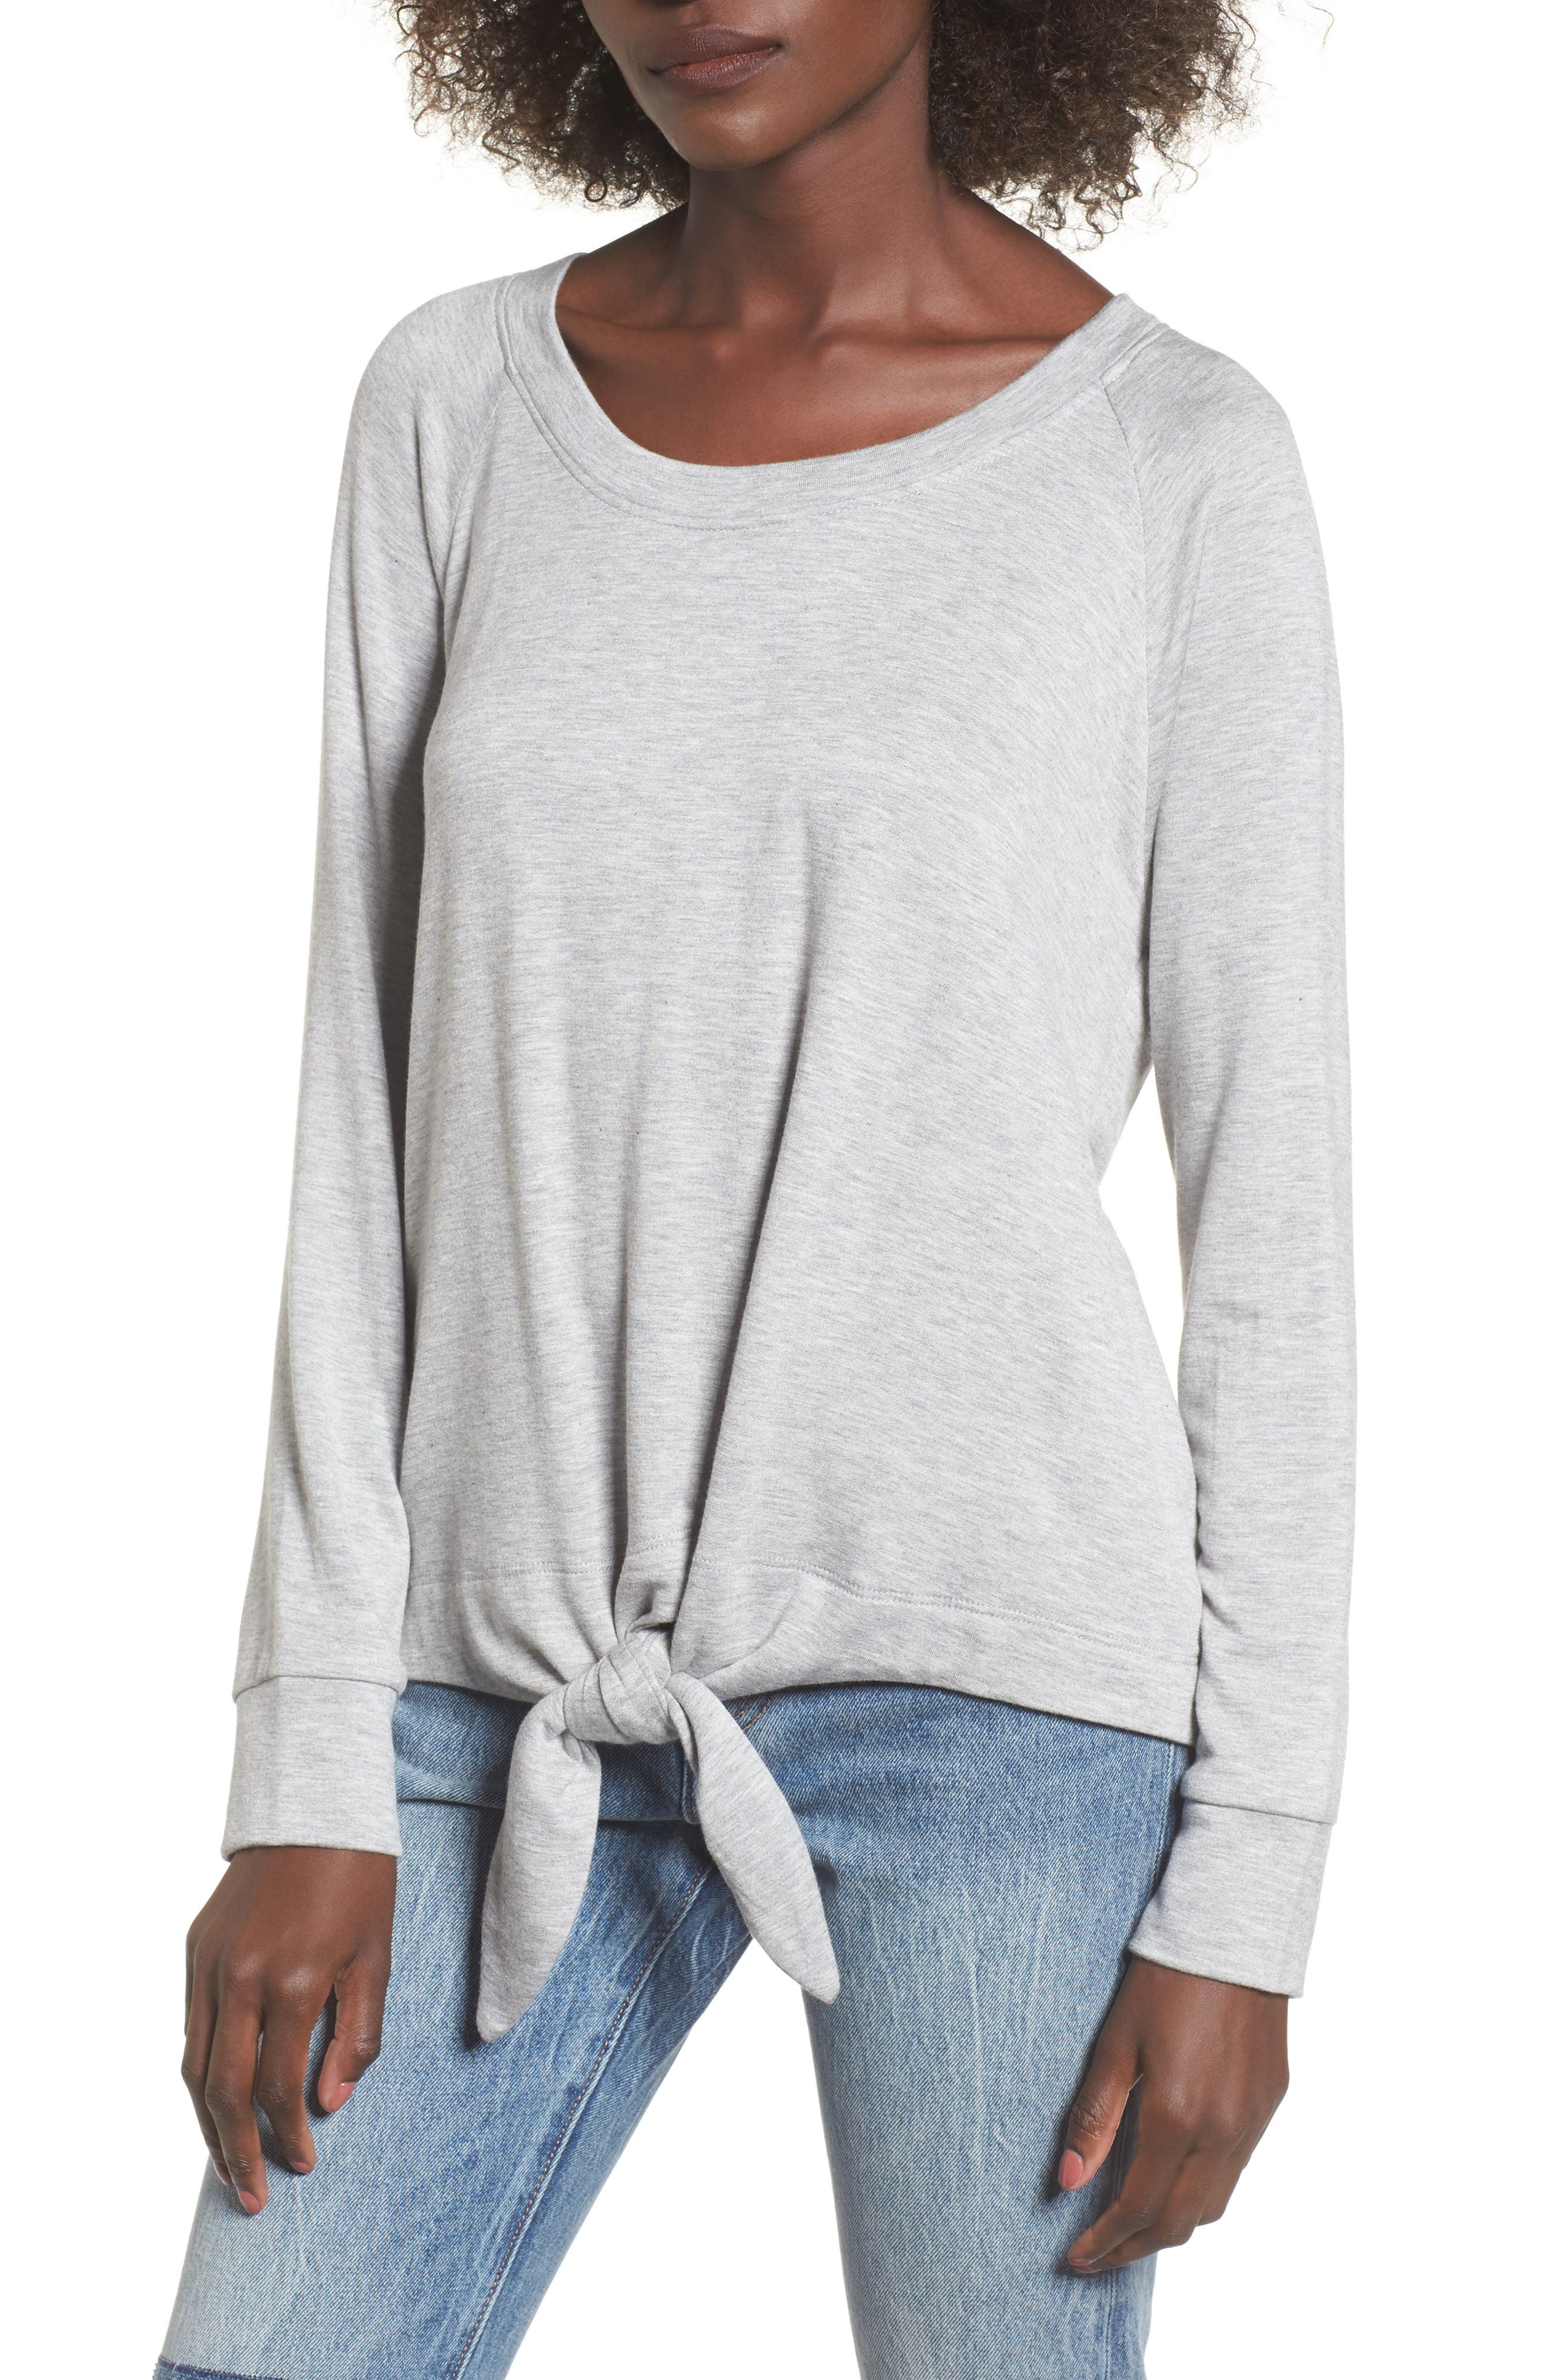 Main Image - Socialite Tie Front Sweatshirt